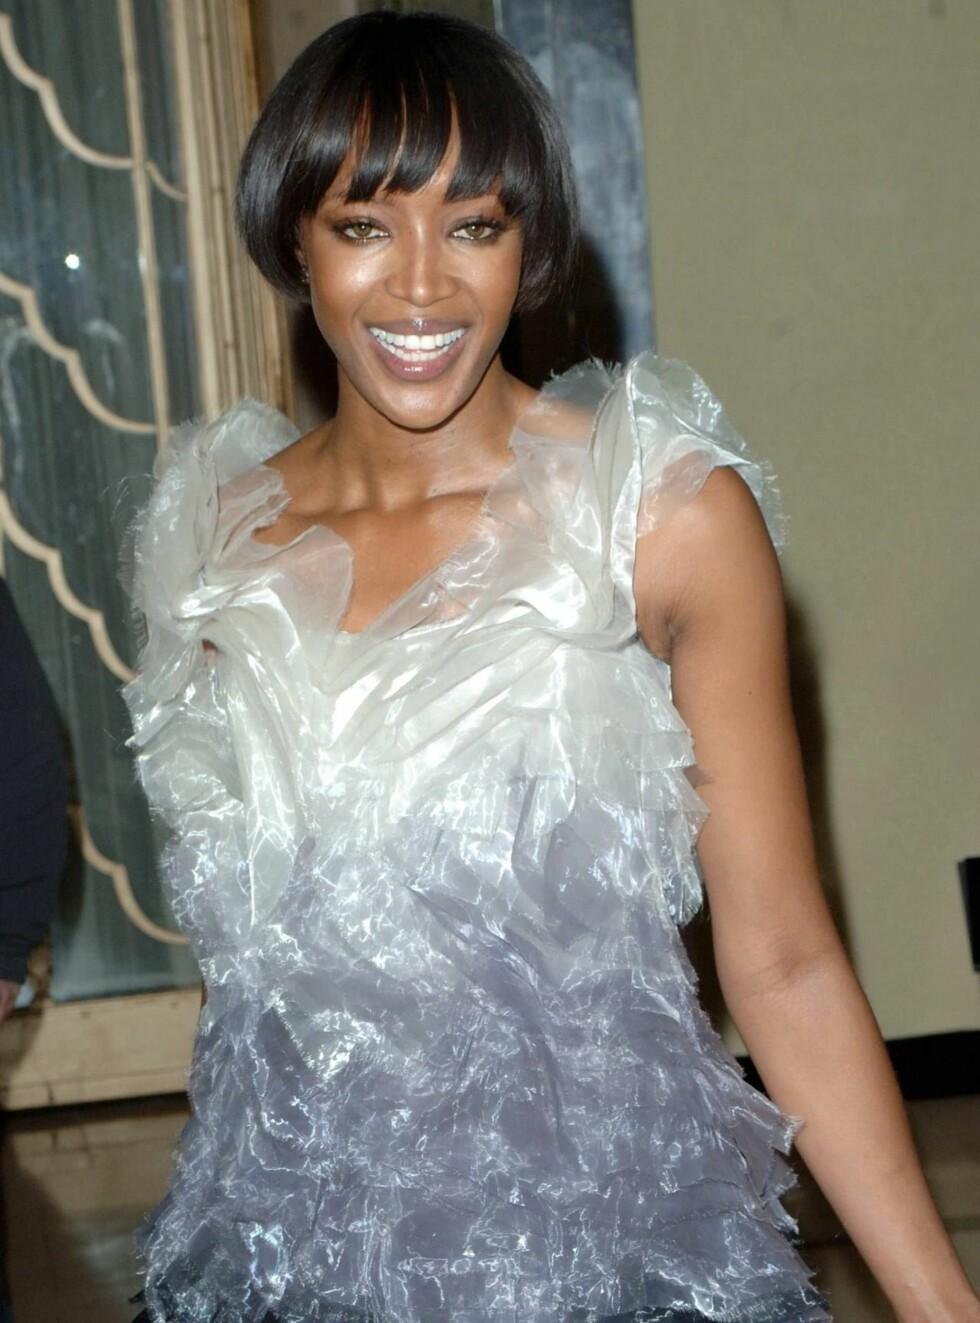 FRUSTRERT: Naomi vil ha kloa i den uærlige sjelen som utgir seg for å være henne. Foto: All Over Press